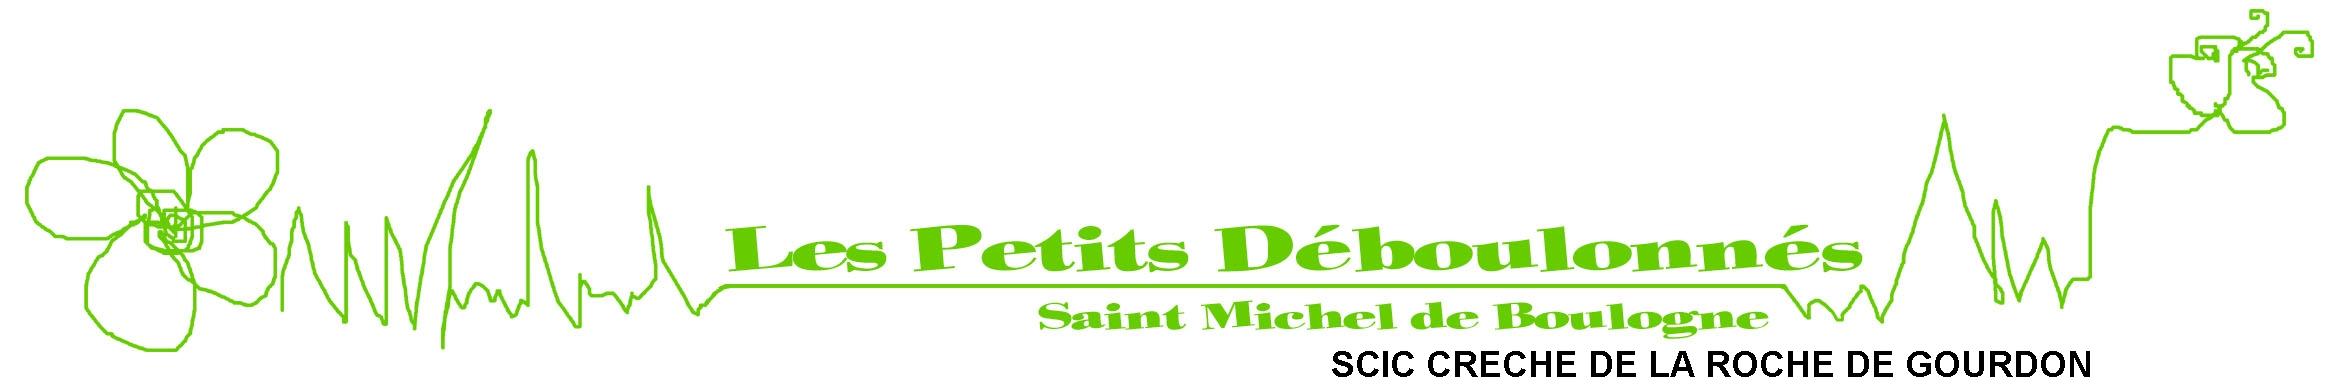 Logo SCIC Crèche de la Roche de Gourdon